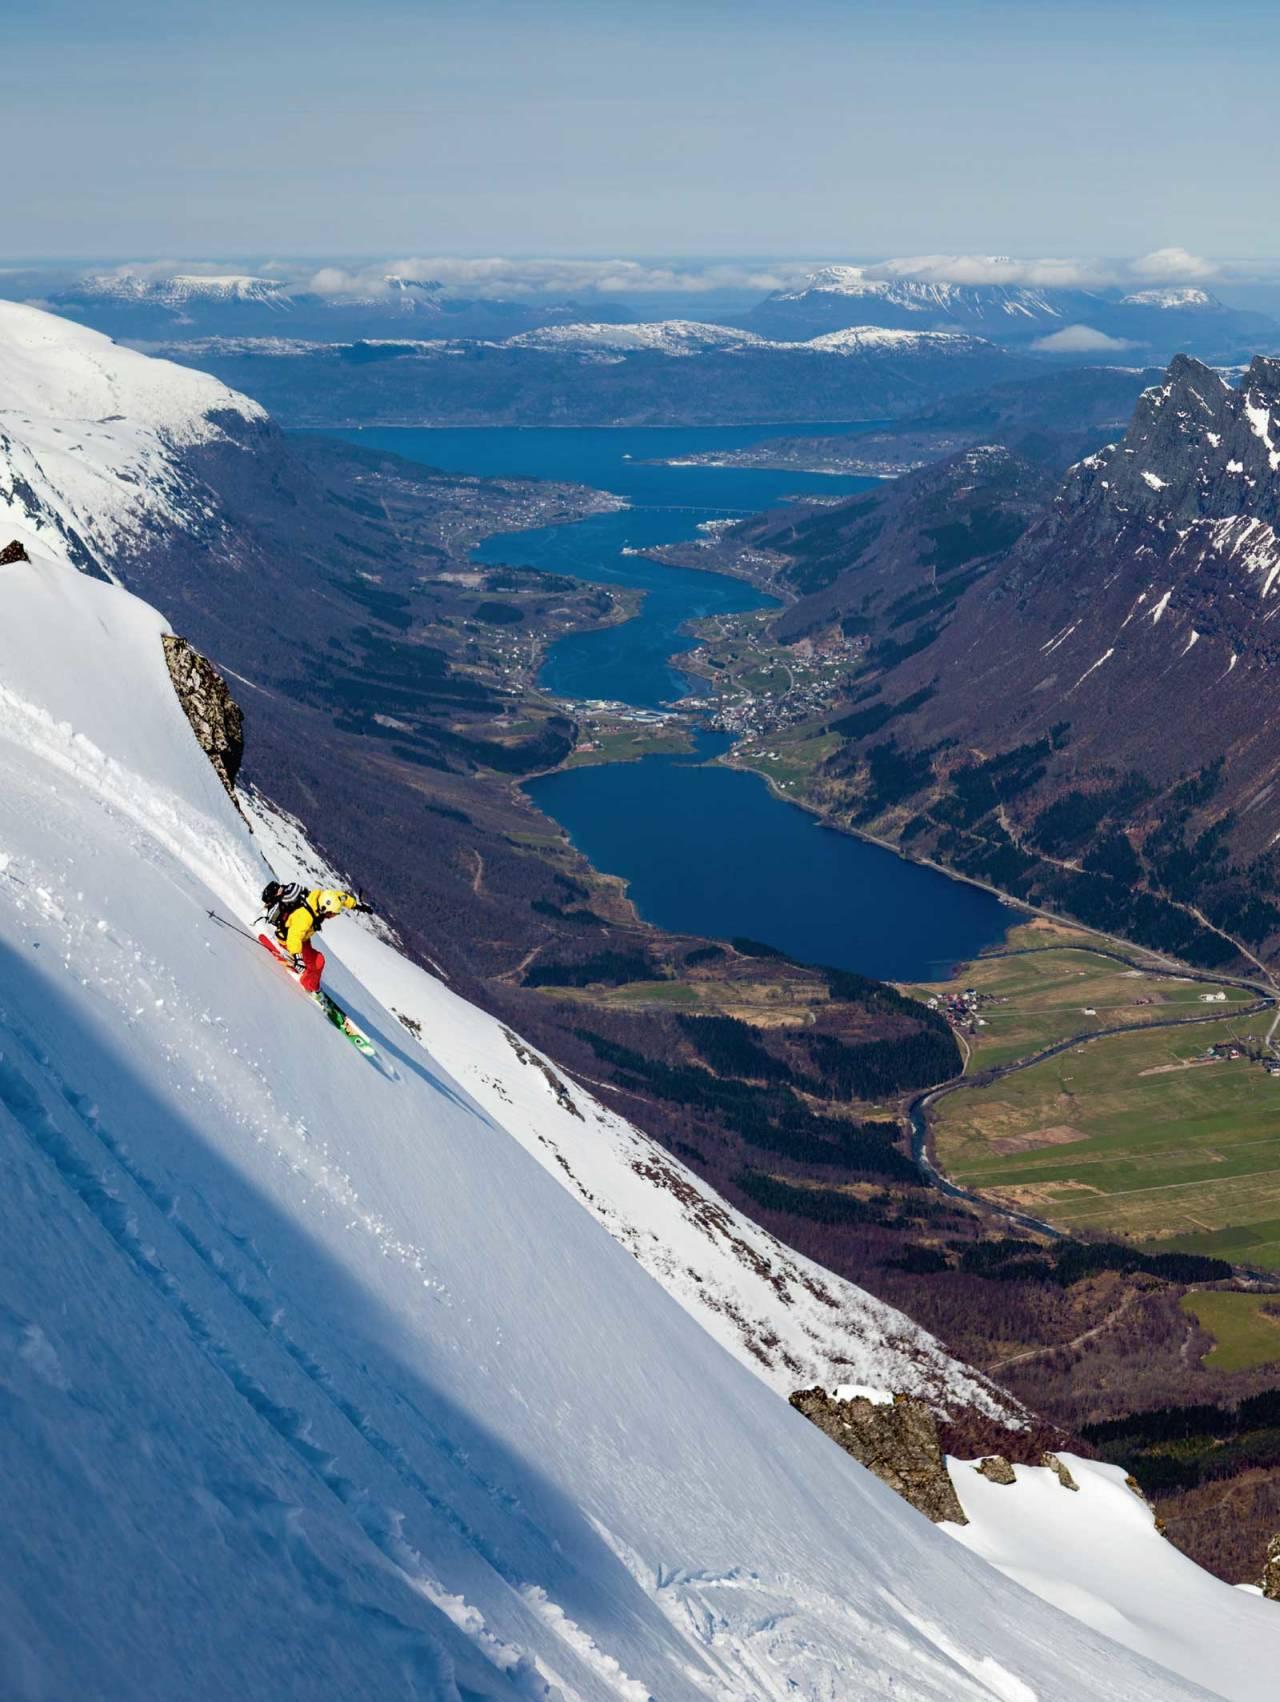 Skileik i sløsjsnø. Foto: Per Magne Drotninghaug.